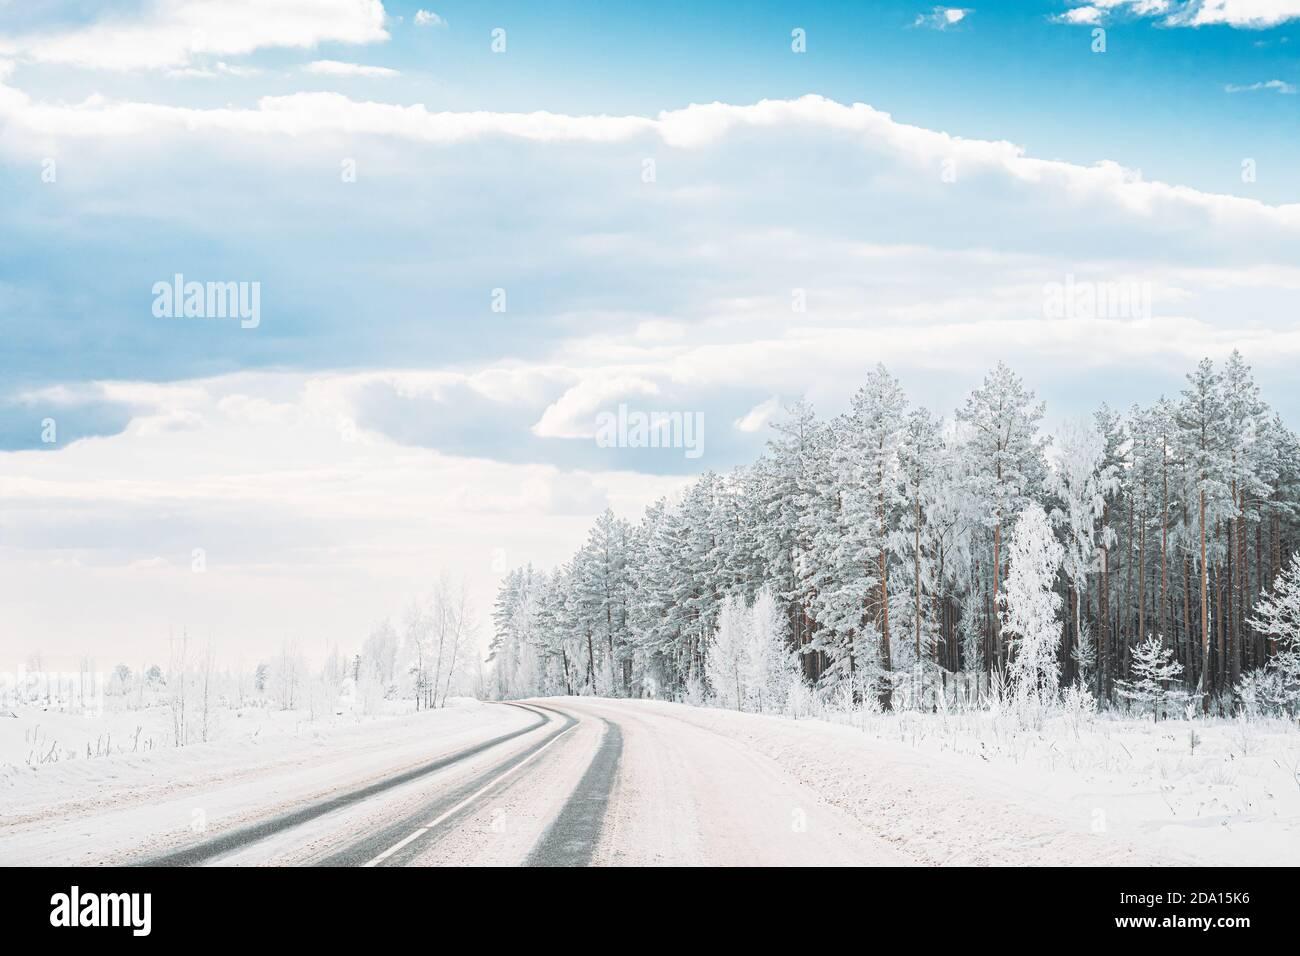 Bosque de pinos cubierto de nieve cerca de la carretera del campo. Los árboles escarchados Frozen Trunks Woods en invierno Snowy Coniferous Forest paisaje cerca de Country Road Foto de stock